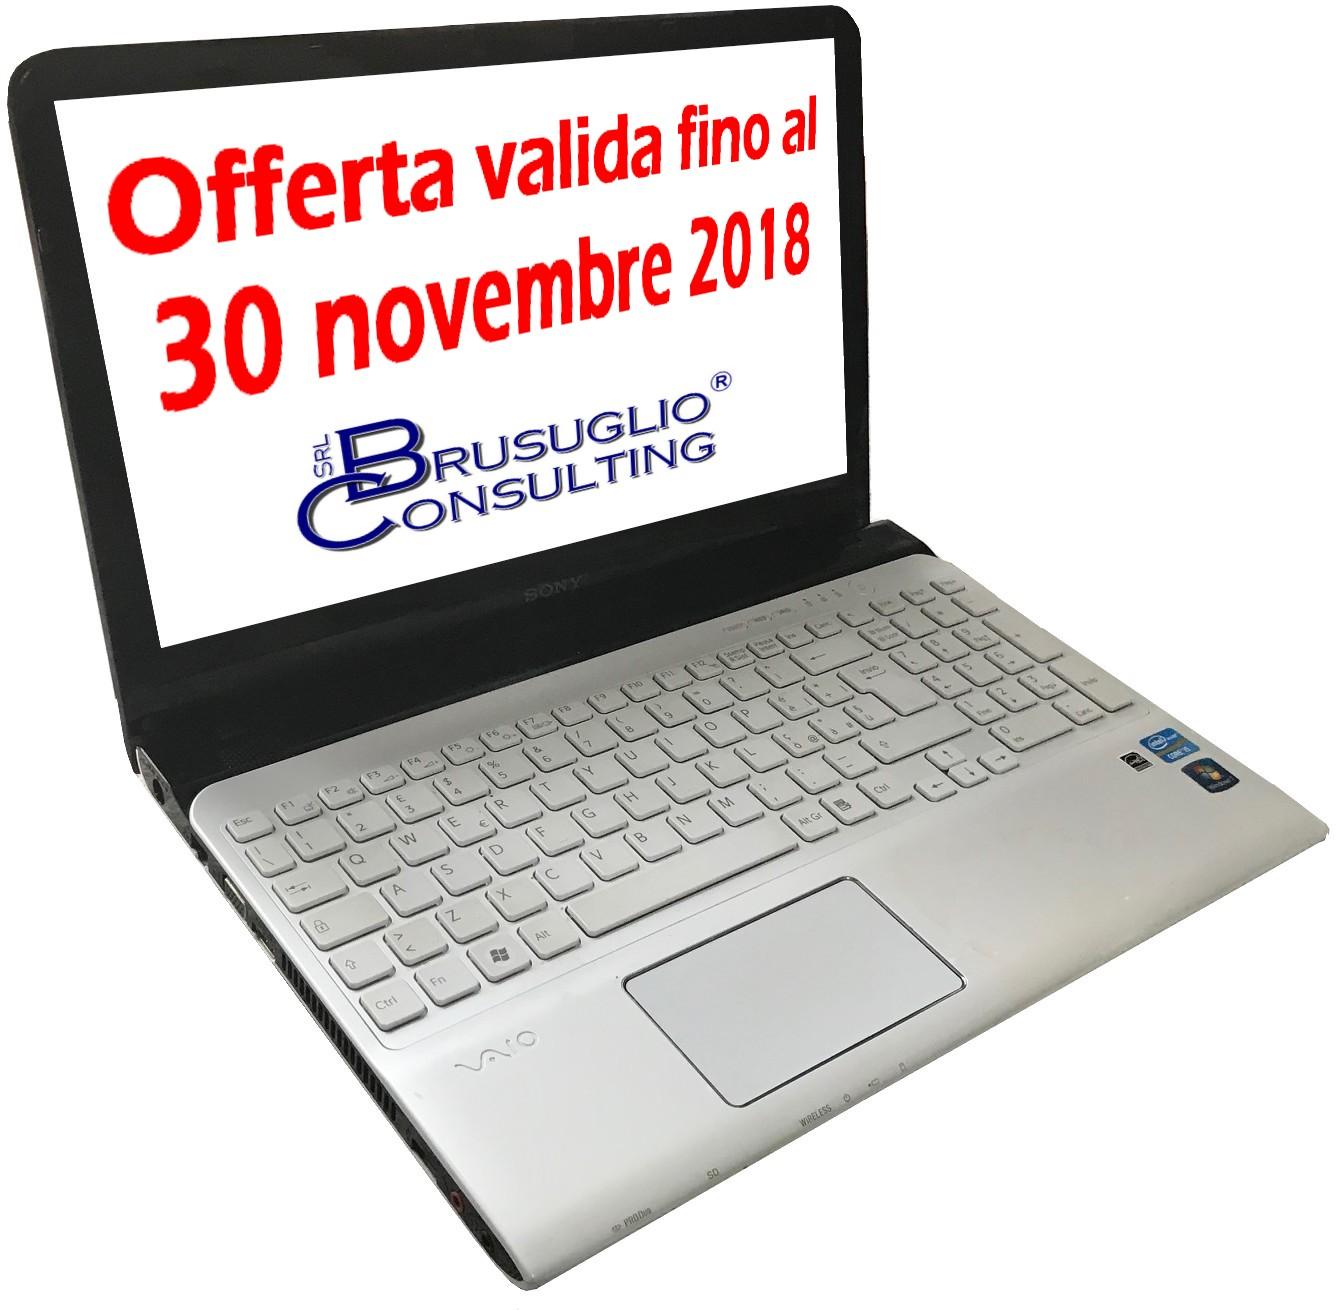 Notebook_1 - 30-11-2018